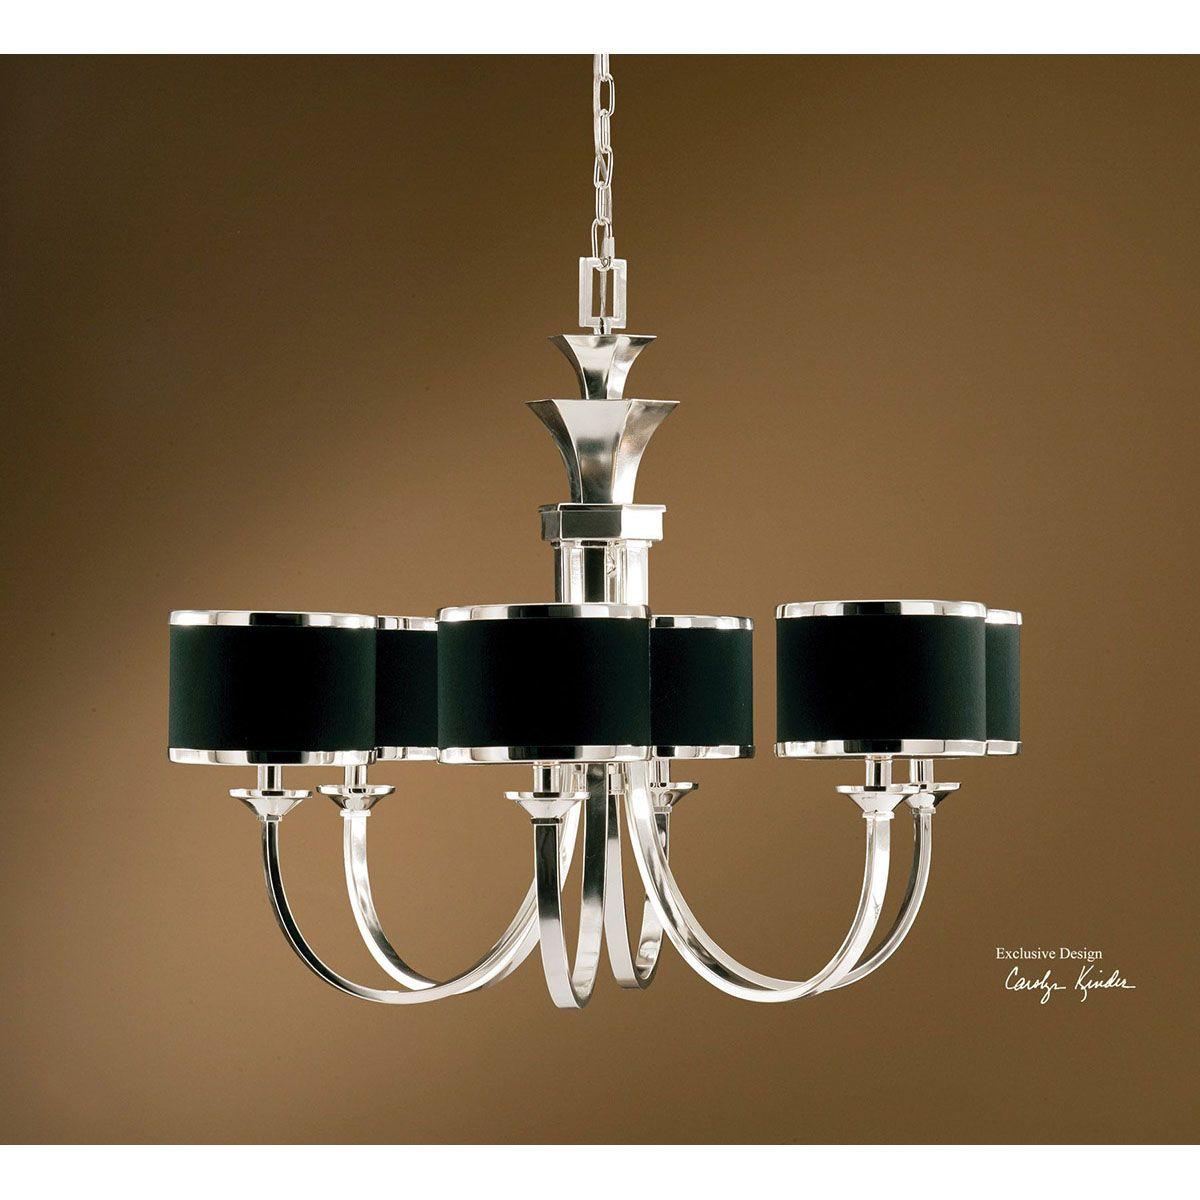 Uttermost tuxedo 6 light black shade chandelier 21131 uttermost uttermost tuxedo 6 light black shade chandelier 21131 arubaitofo Images